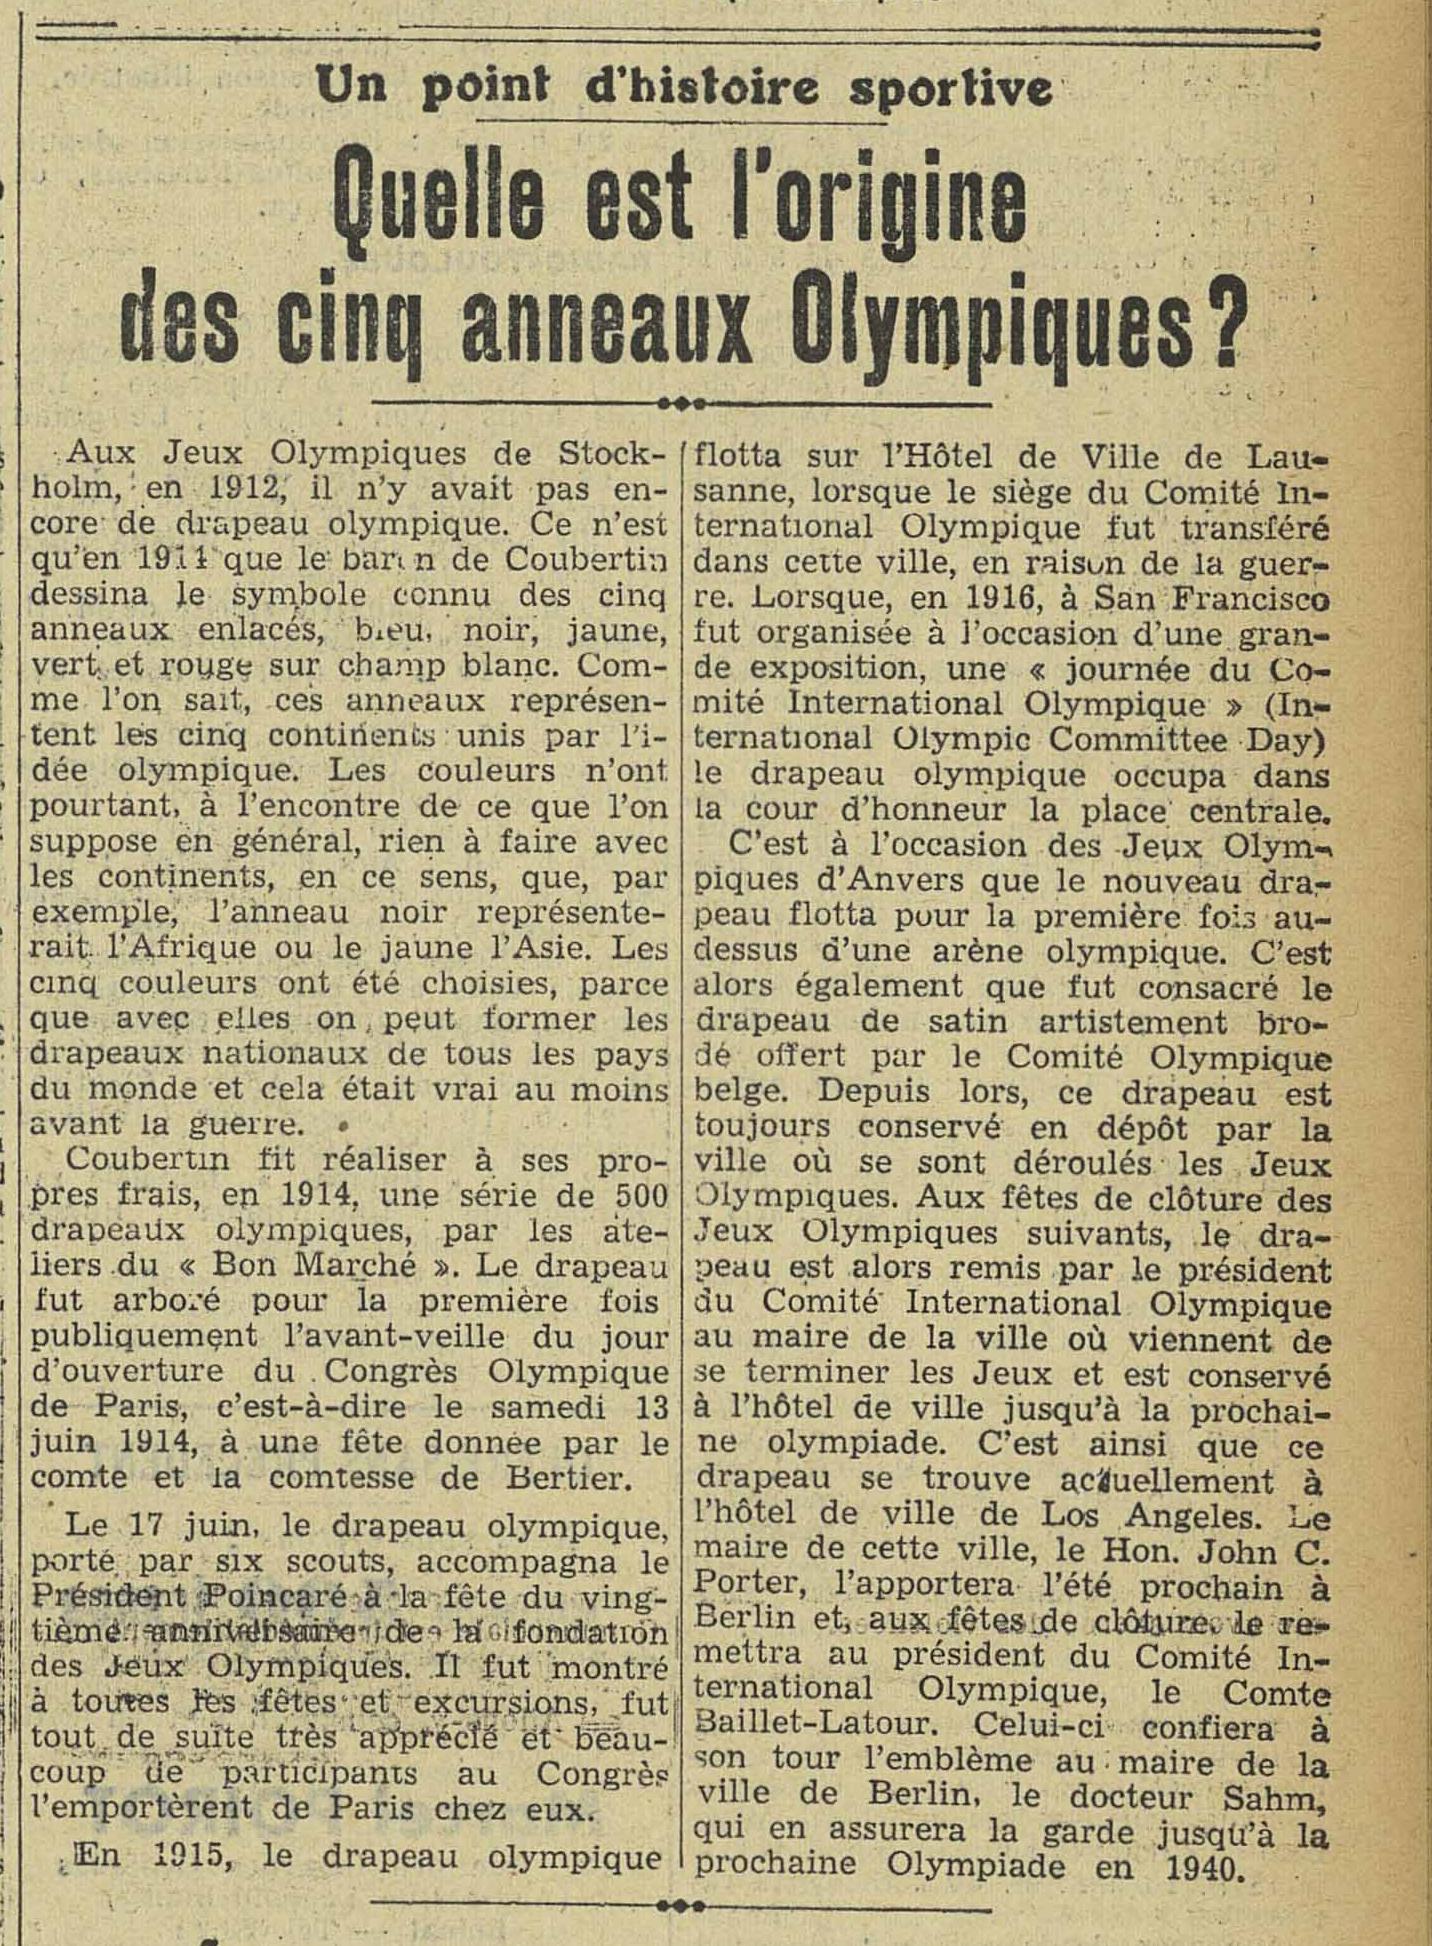 Contenu du Quelle est l'origine des cinq anneaux Olympiques  - L'Express de l'Est, 12/03/1936